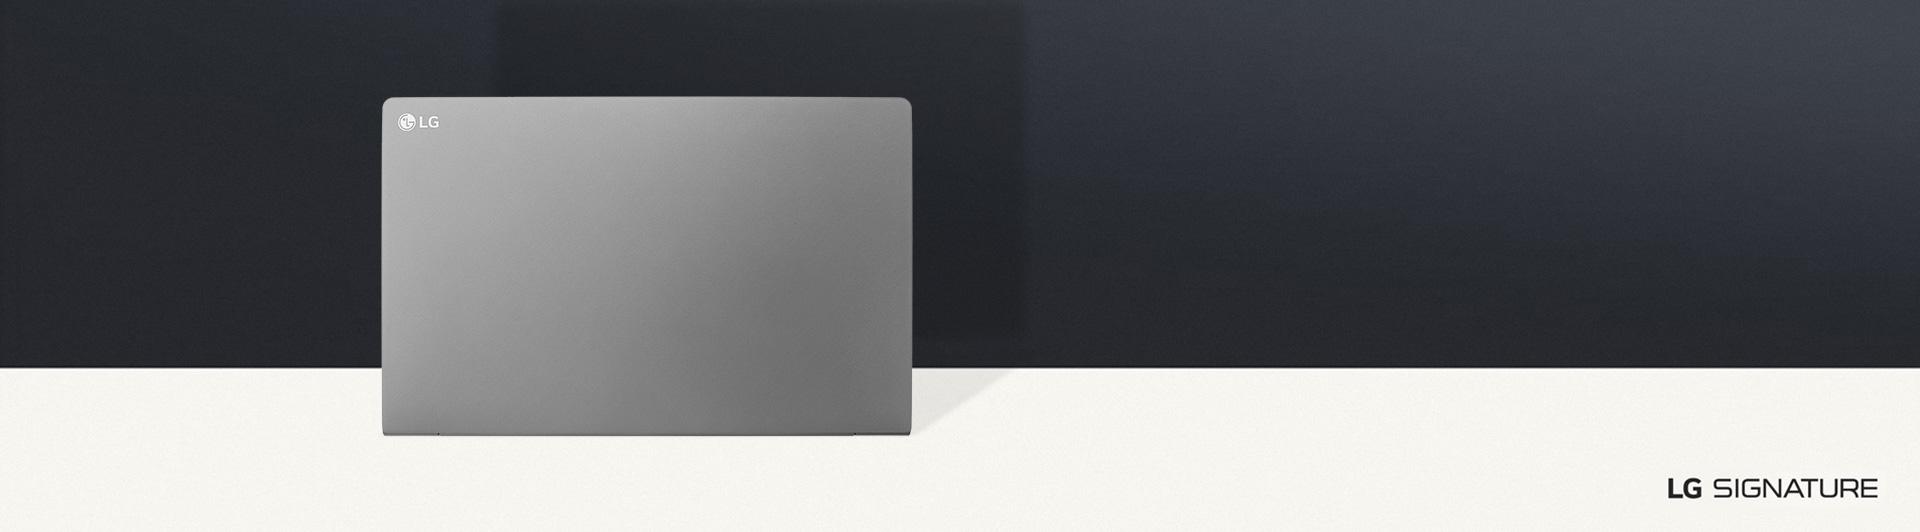 """Máy tính xách tay LG Gram 15"""" Z970-G hiệu năng hoạt động mạnh mẽ core i5, RAM 8GB"""